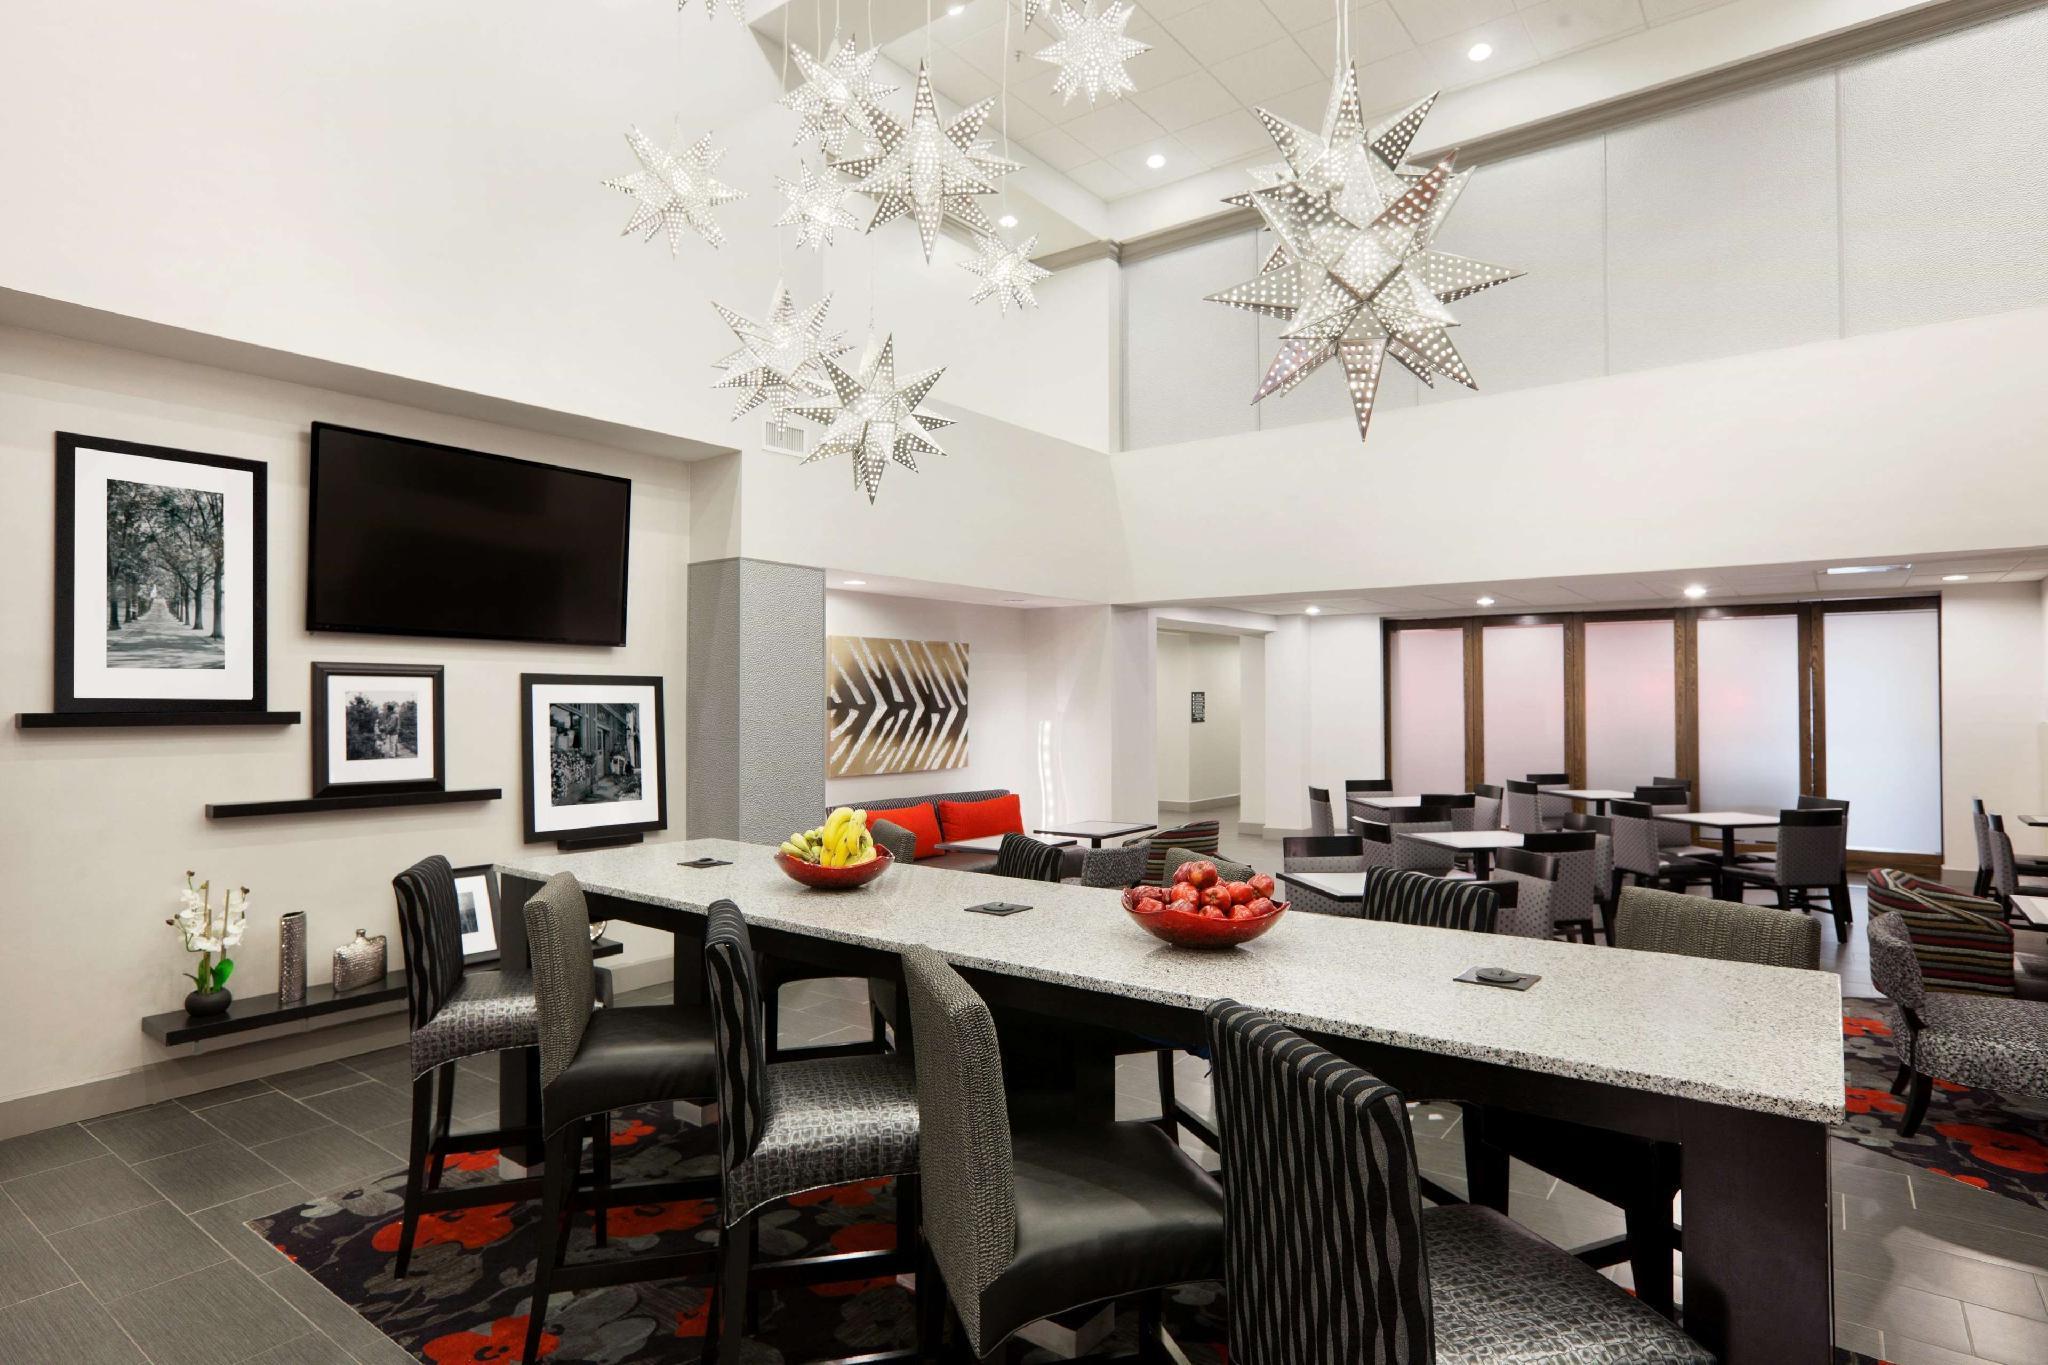 Hampton Inn and Suites Roanoke Airport, Roanoke City